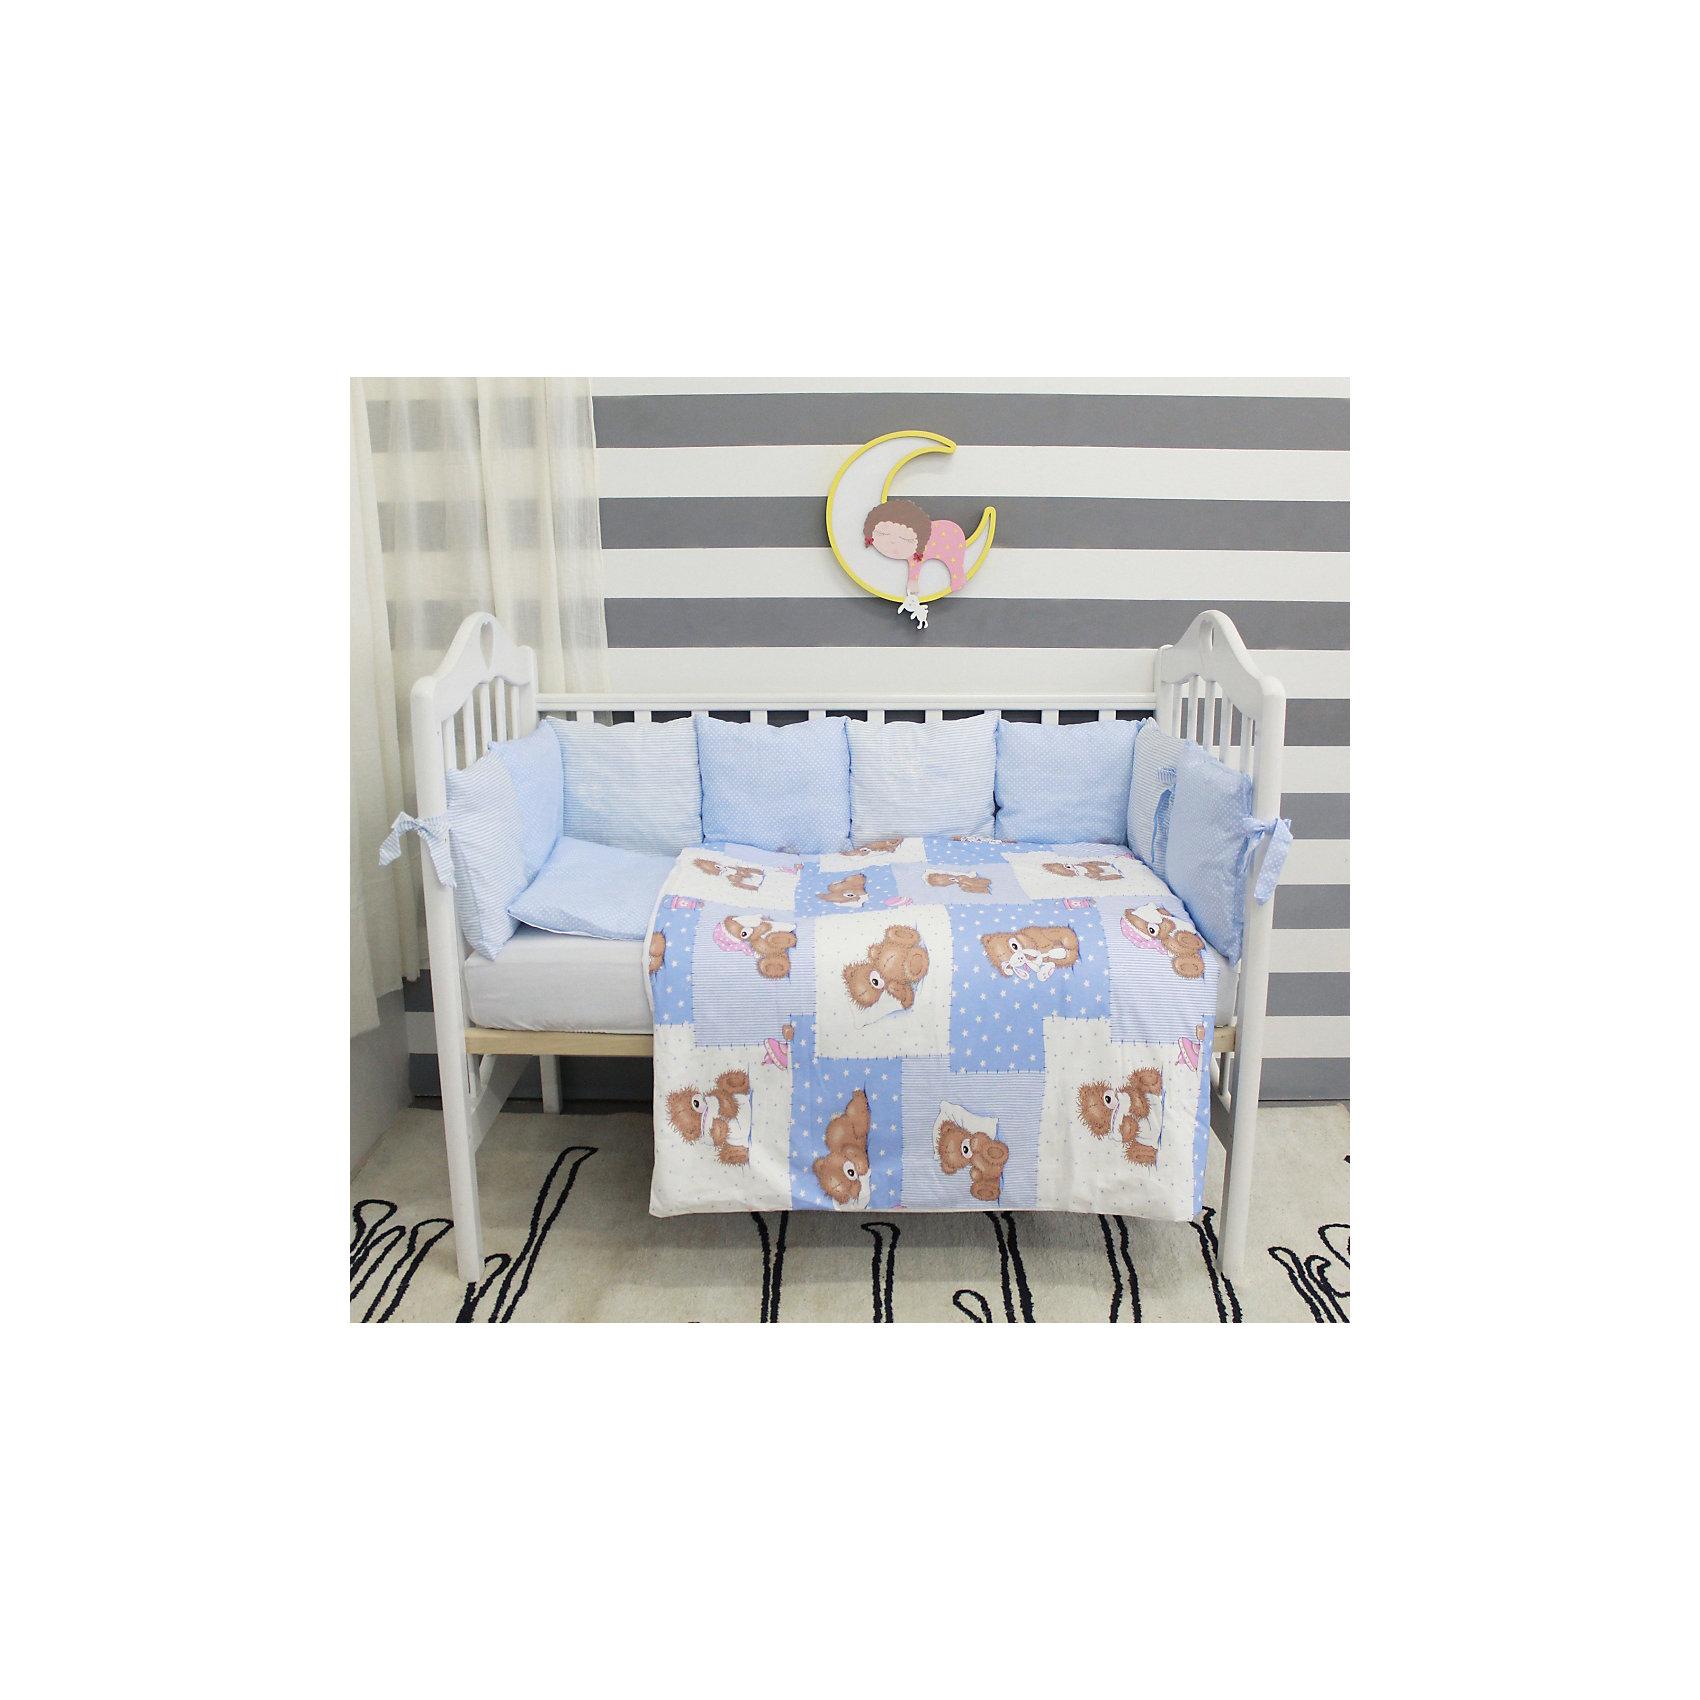 Постельное белье Тедди 6 пред., byTwinz, голубойКомплект постельного белья byTwinz состоит из 6-ти предметов: бортик из подушек, подушка, одеяло, наволочка, пододеяльник и простынь. Постельное белье выполнено из гипоаллергенных материалов, наполнитель подушек и одеяла экологически чистый. <br><br>Мягкий бортик состоит из 12-ти подушек, которые размещаются по периметру кроватки и крепятся к бортику с помощью тканевых завязок. Наволочки подушек съемные. <br>Пододеяльник застегивается на молнию, которая находится с боковой стороны изделия (продольный край). <br>Простынь на резинке надежно фиксируется, не сминается и не сползает. <br><br>Комплект в кроватку «Тедди» предназначен для детских кроваток размером 120х60 см и 125х65 см. <br><br>Дополнительная информация:<br><br>Размеры: <br><br>- бортики-подушки, 12 шт.: 30х30 см каждая;<br>- наволочки на молнии на бортики-подушки, 12 шт.: 33х33 см каждая;<br>- детская подушка: 35х45 см;<br>- детское одеяло: 100х140 см;<br>- пододеяльник на молнии: 105х145 см;<br>- наволочка: 36х46 см; <br>- простынь на резинке: 125х65 см.<br><br>Материал: 100% хлопок<br>Наполнитель (подушки, одеяло): холлофайбер<br><br>Постельное белье Тедди 6 пред., byTwinz, голубой можно купить в нашем интернет-магазине.<br><br>Ширина мм: 580<br>Глубина мм: 580<br>Высота мм: 180<br>Вес г: 3000<br>Возраст от месяцев: 0<br>Возраст до месяцев: 36<br>Пол: Мужской<br>Возраст: Детский<br>SKU: 5045080